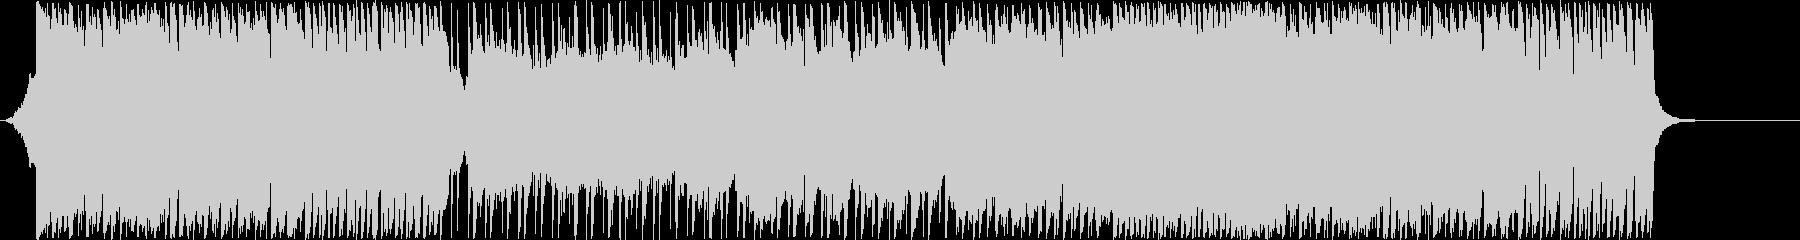 幻想的な3/4拍子のアイリッシュの未再生の波形